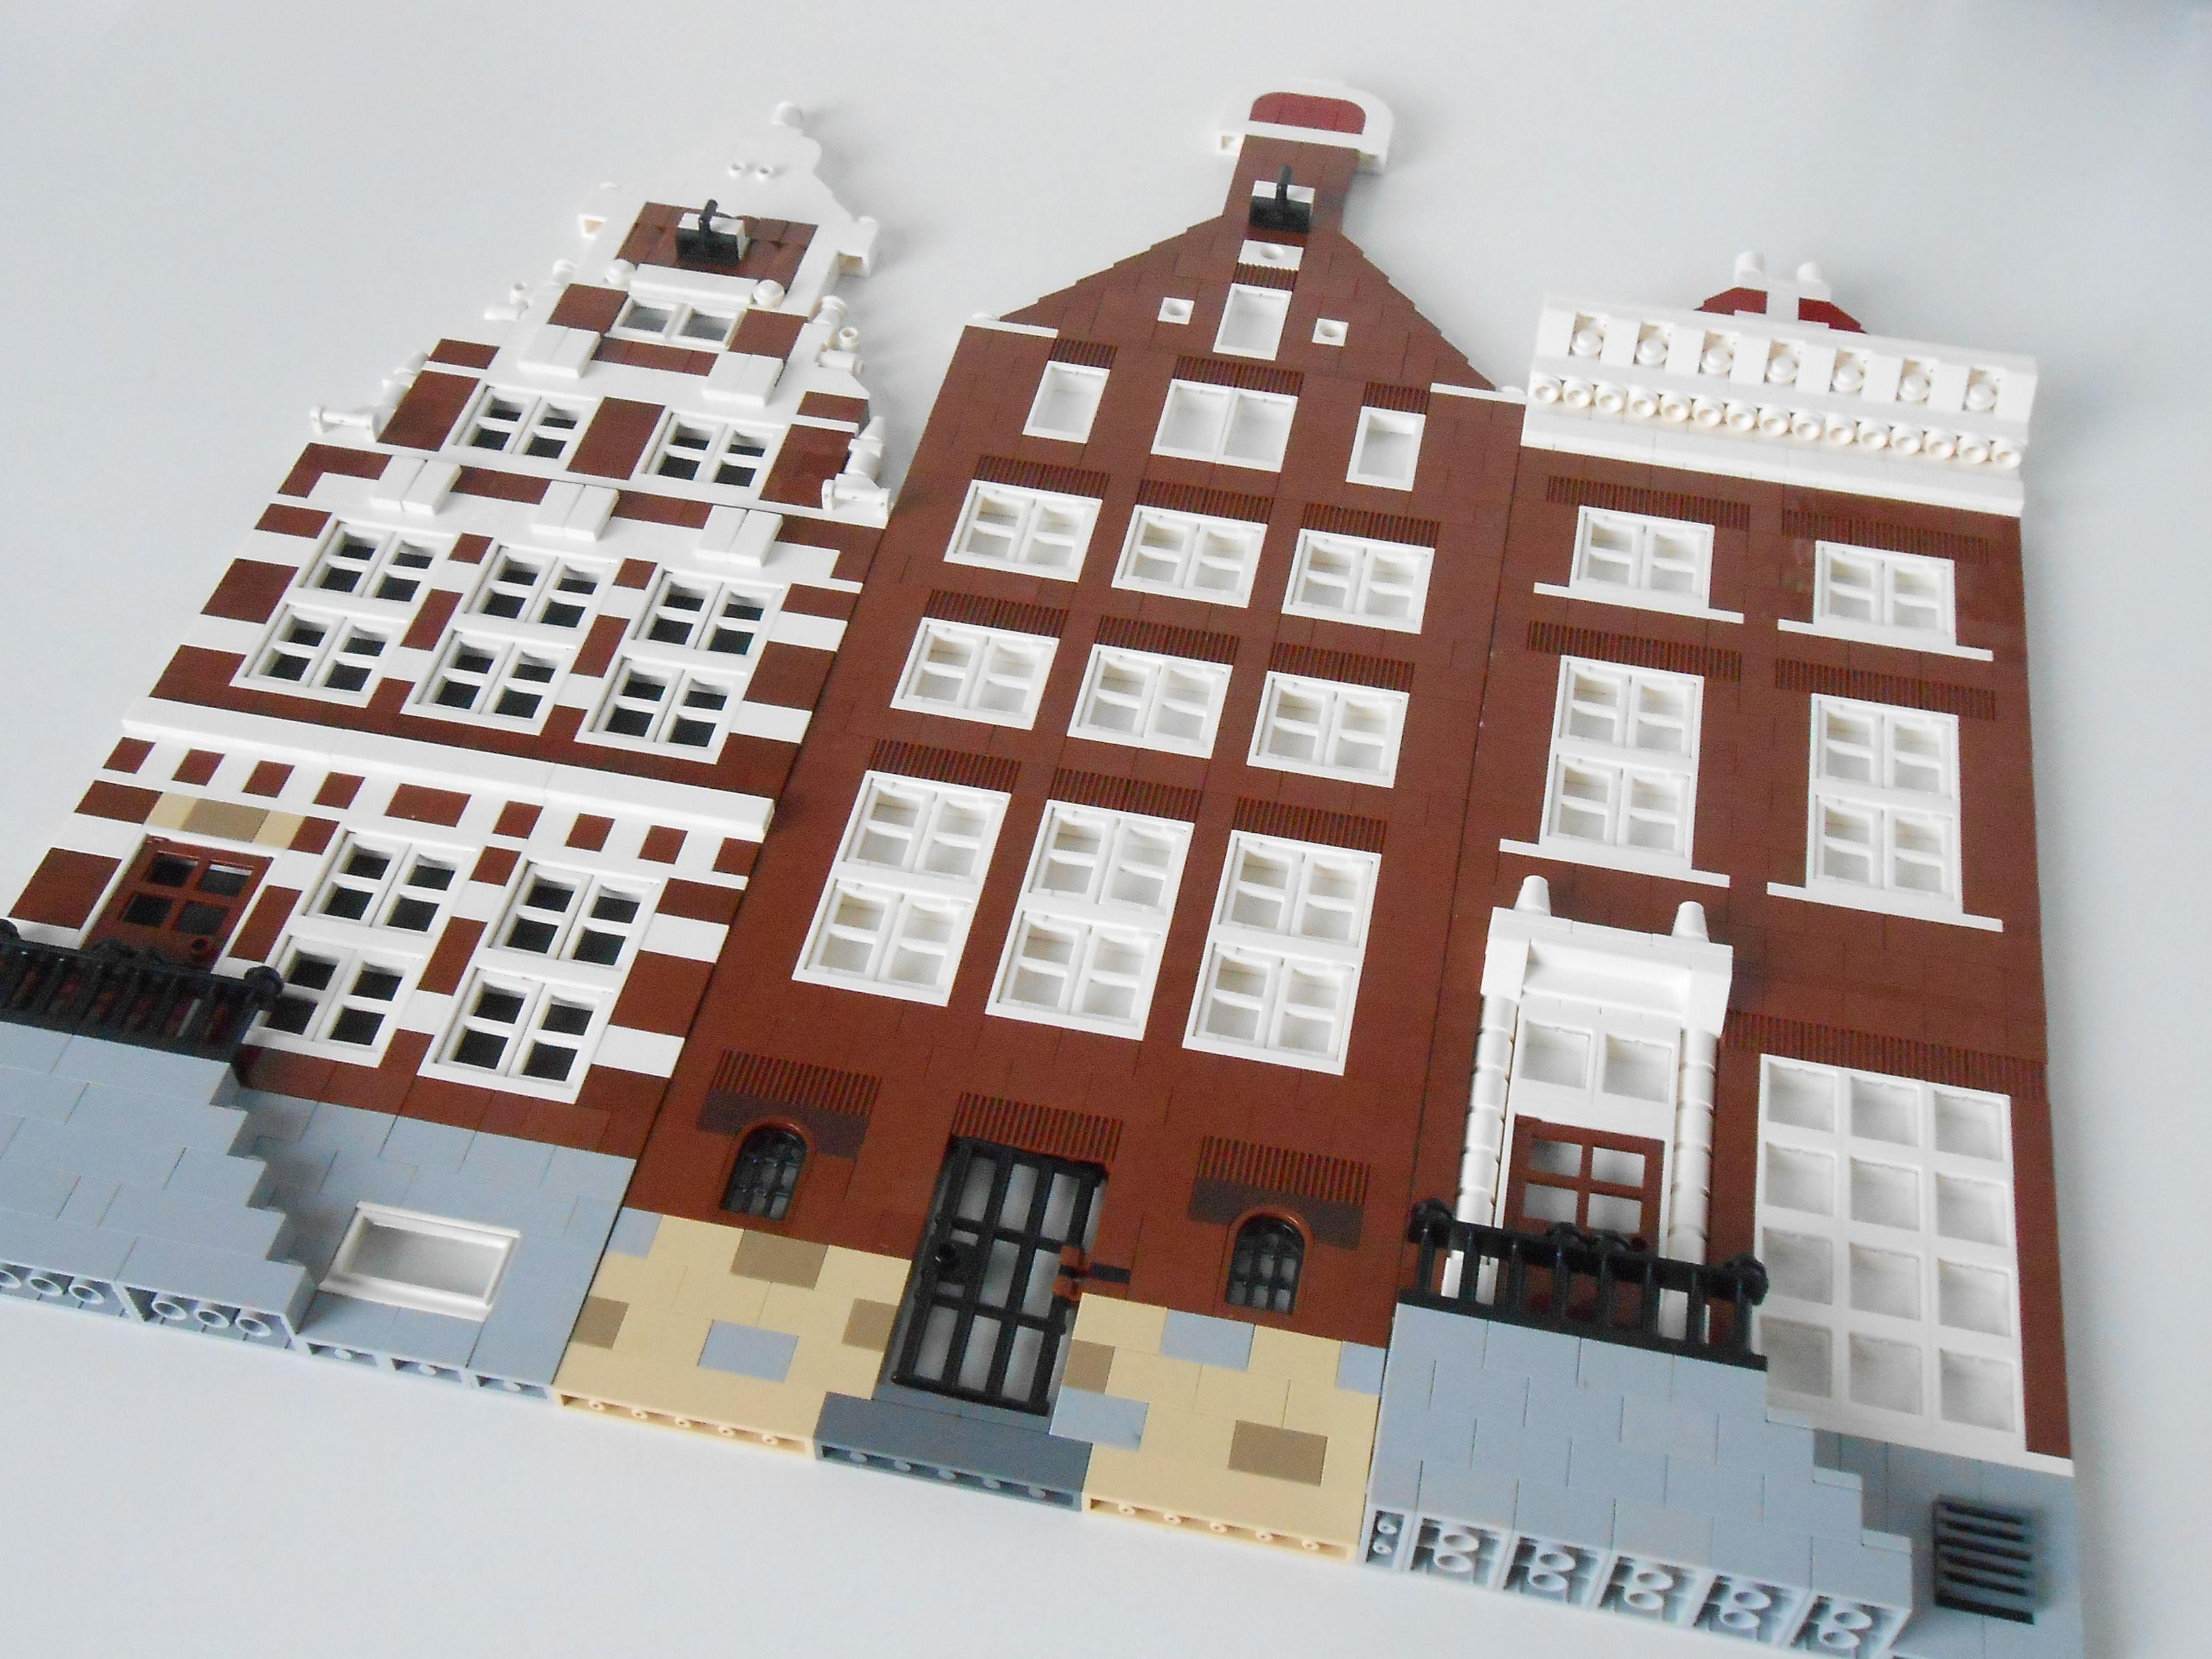 Pin by Claudia Kouwenhoven on Lego | Brick facade, Brick, Facade